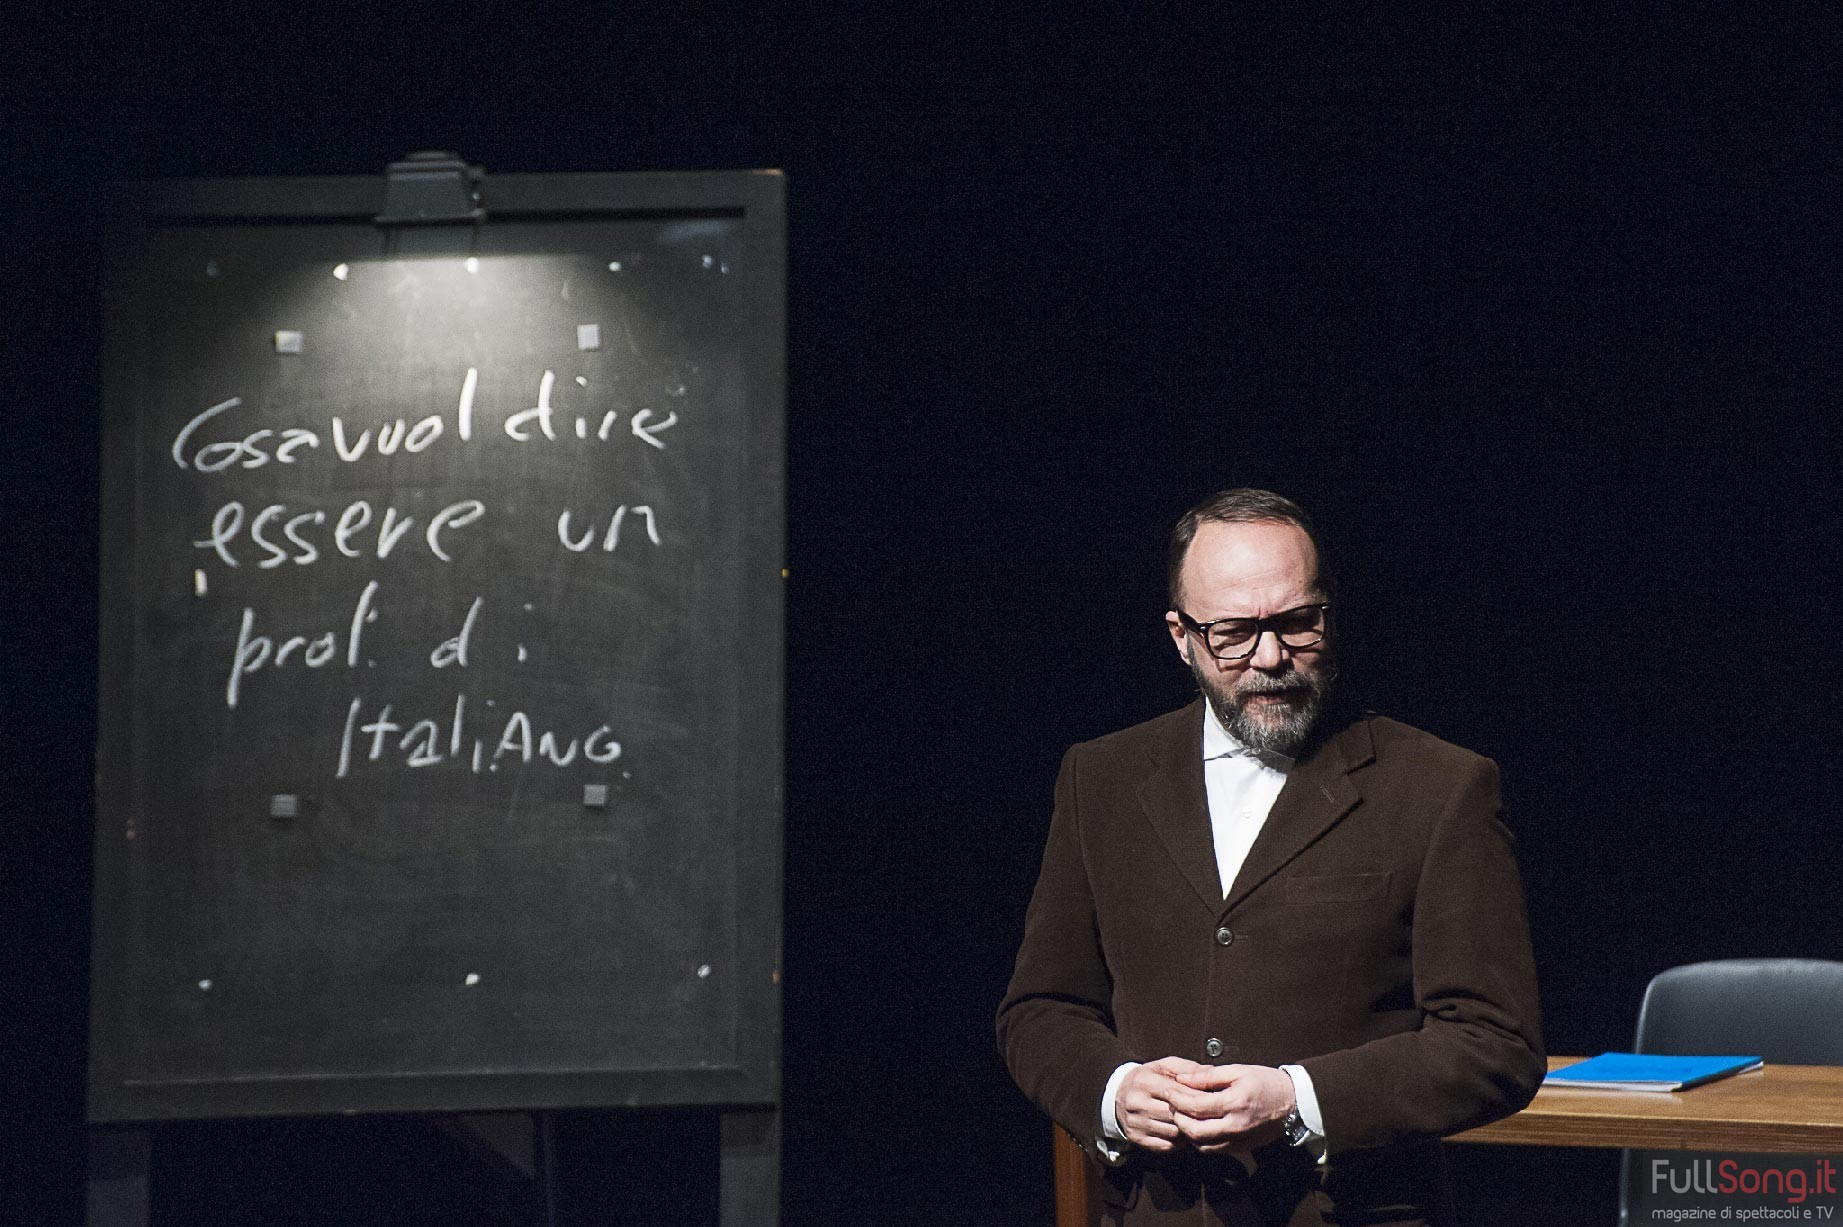 Teatro, Prof!